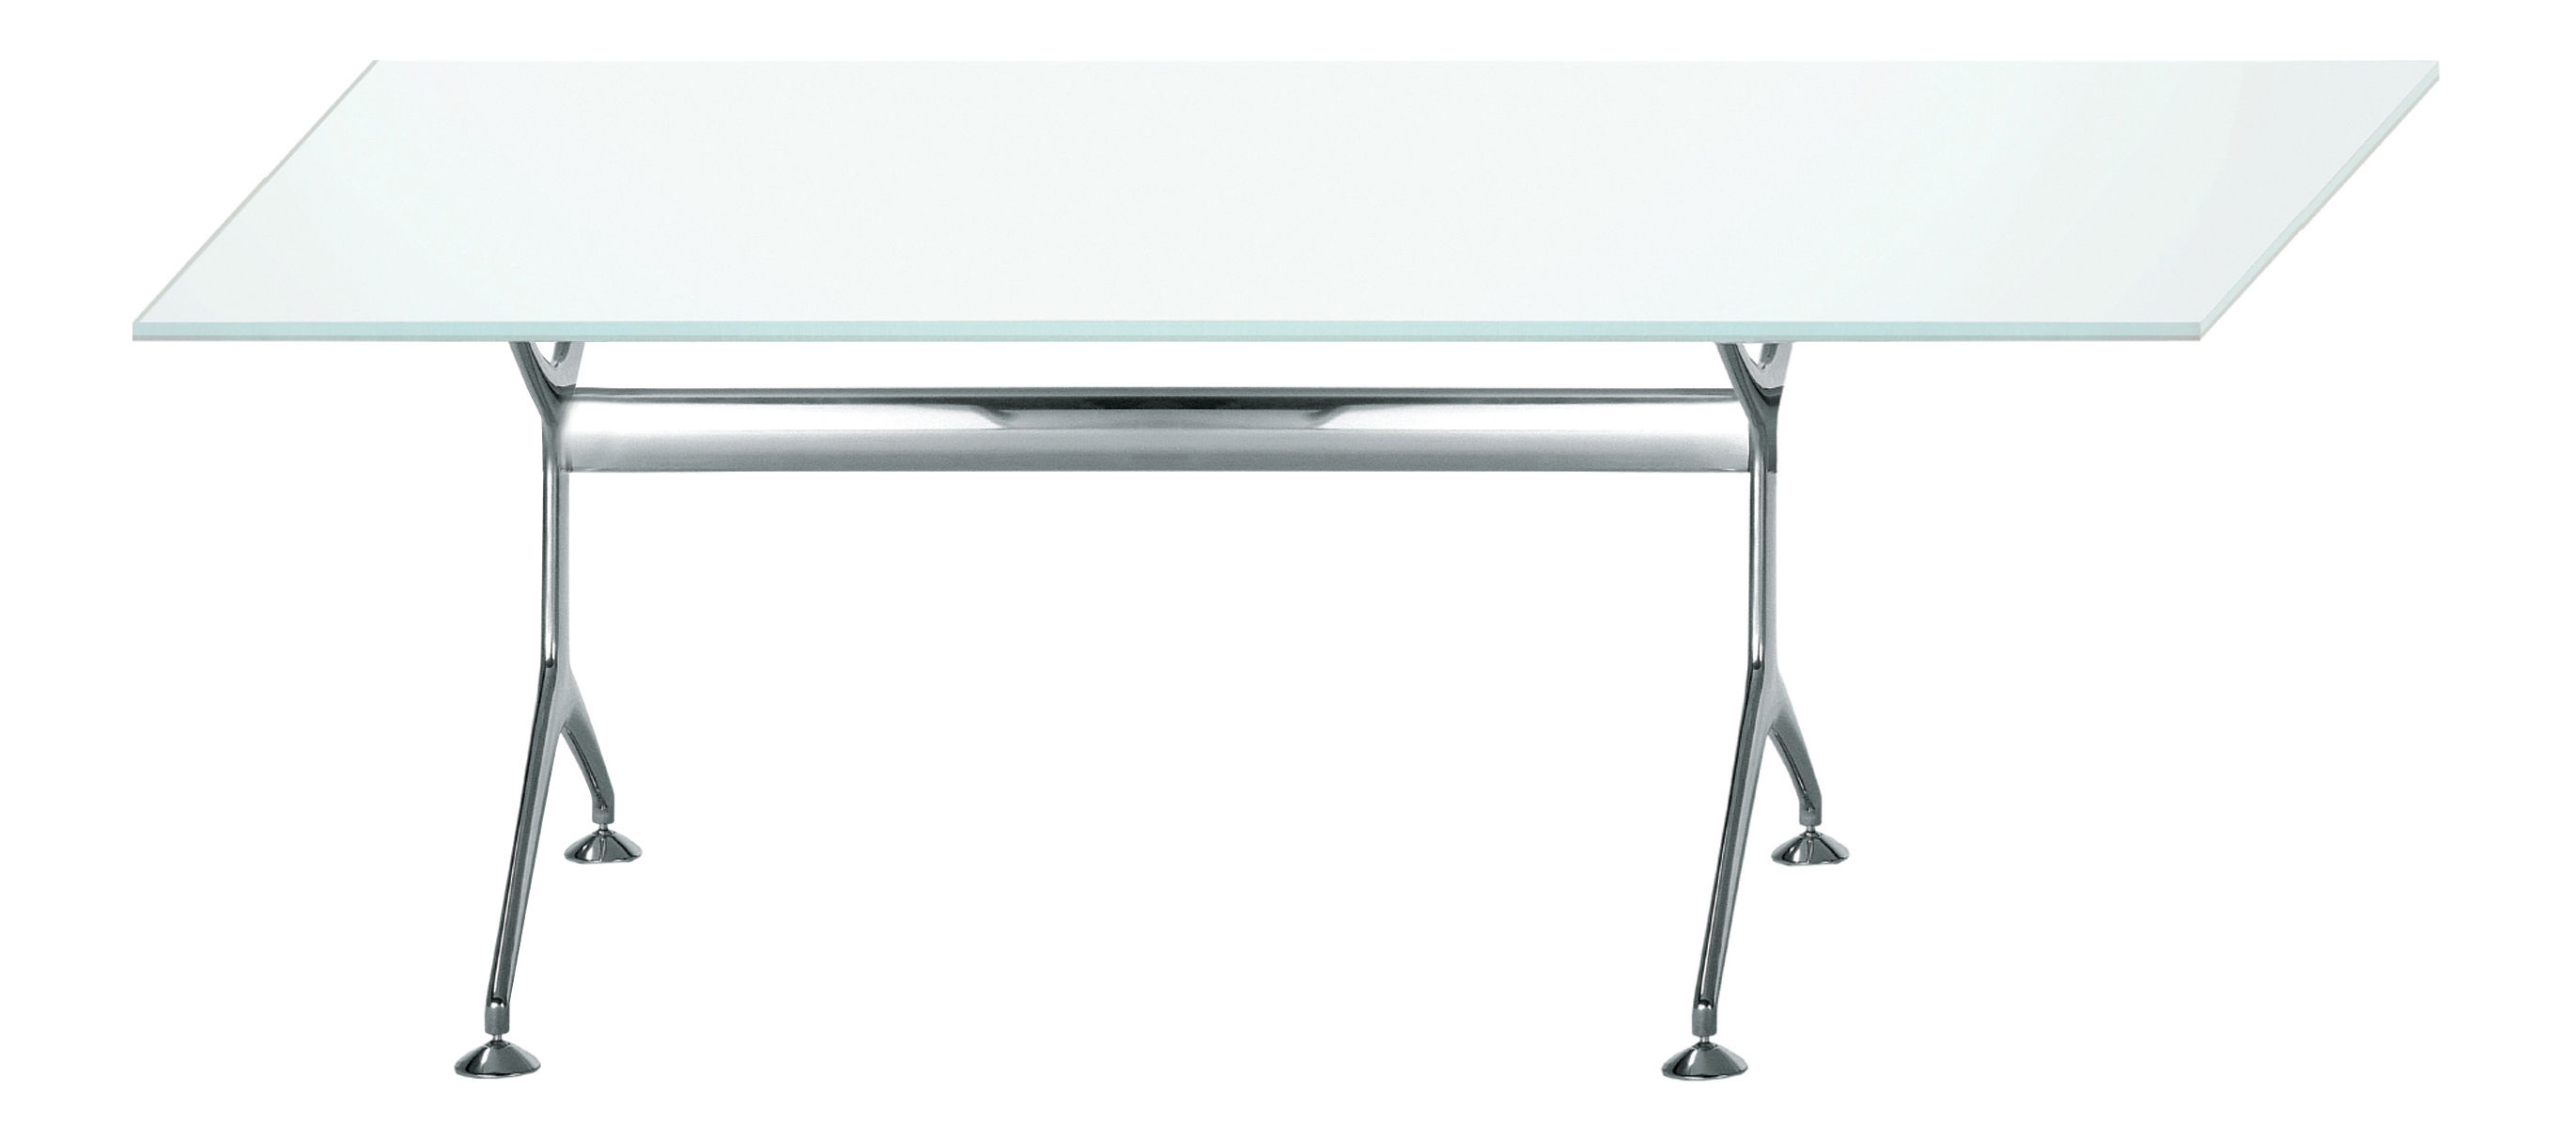 Mobilier - Bureaux - Table Frametable / 190 x 85 cm - Alias - Structure en aluminium poli / plateau en verre double face blanc - Aluminium poli, Verre